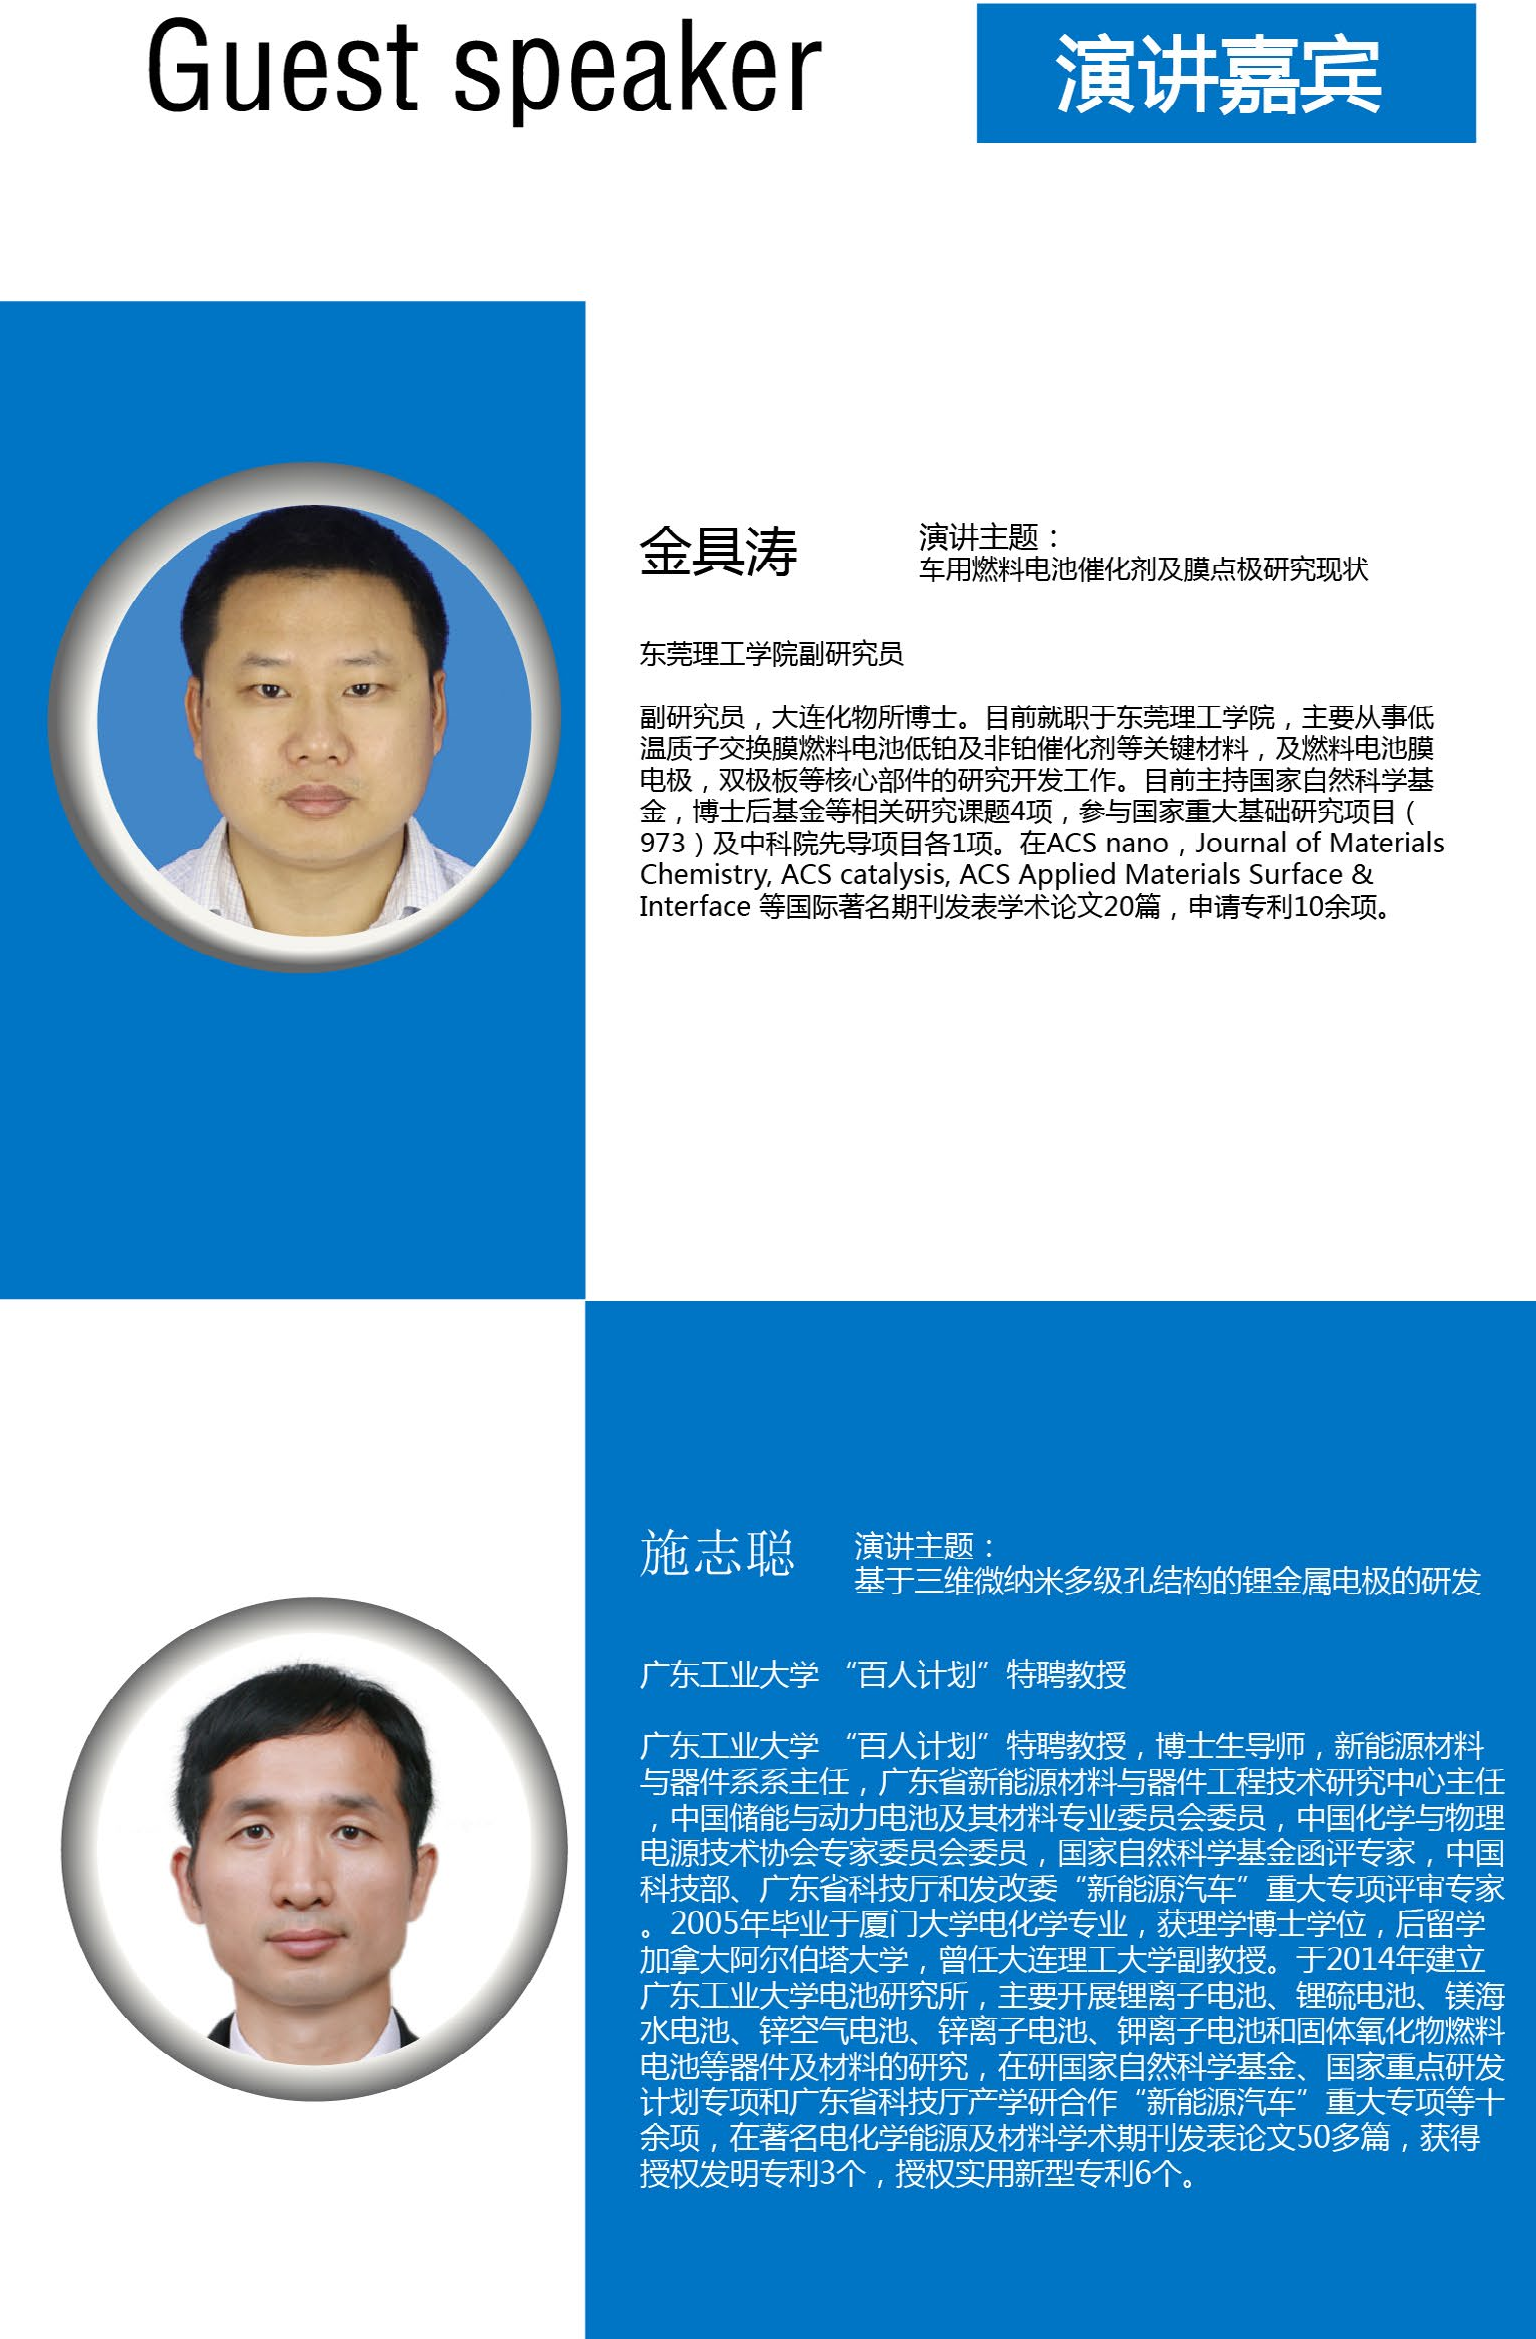 第二届亚洲动力电池与储能技术峰会2018